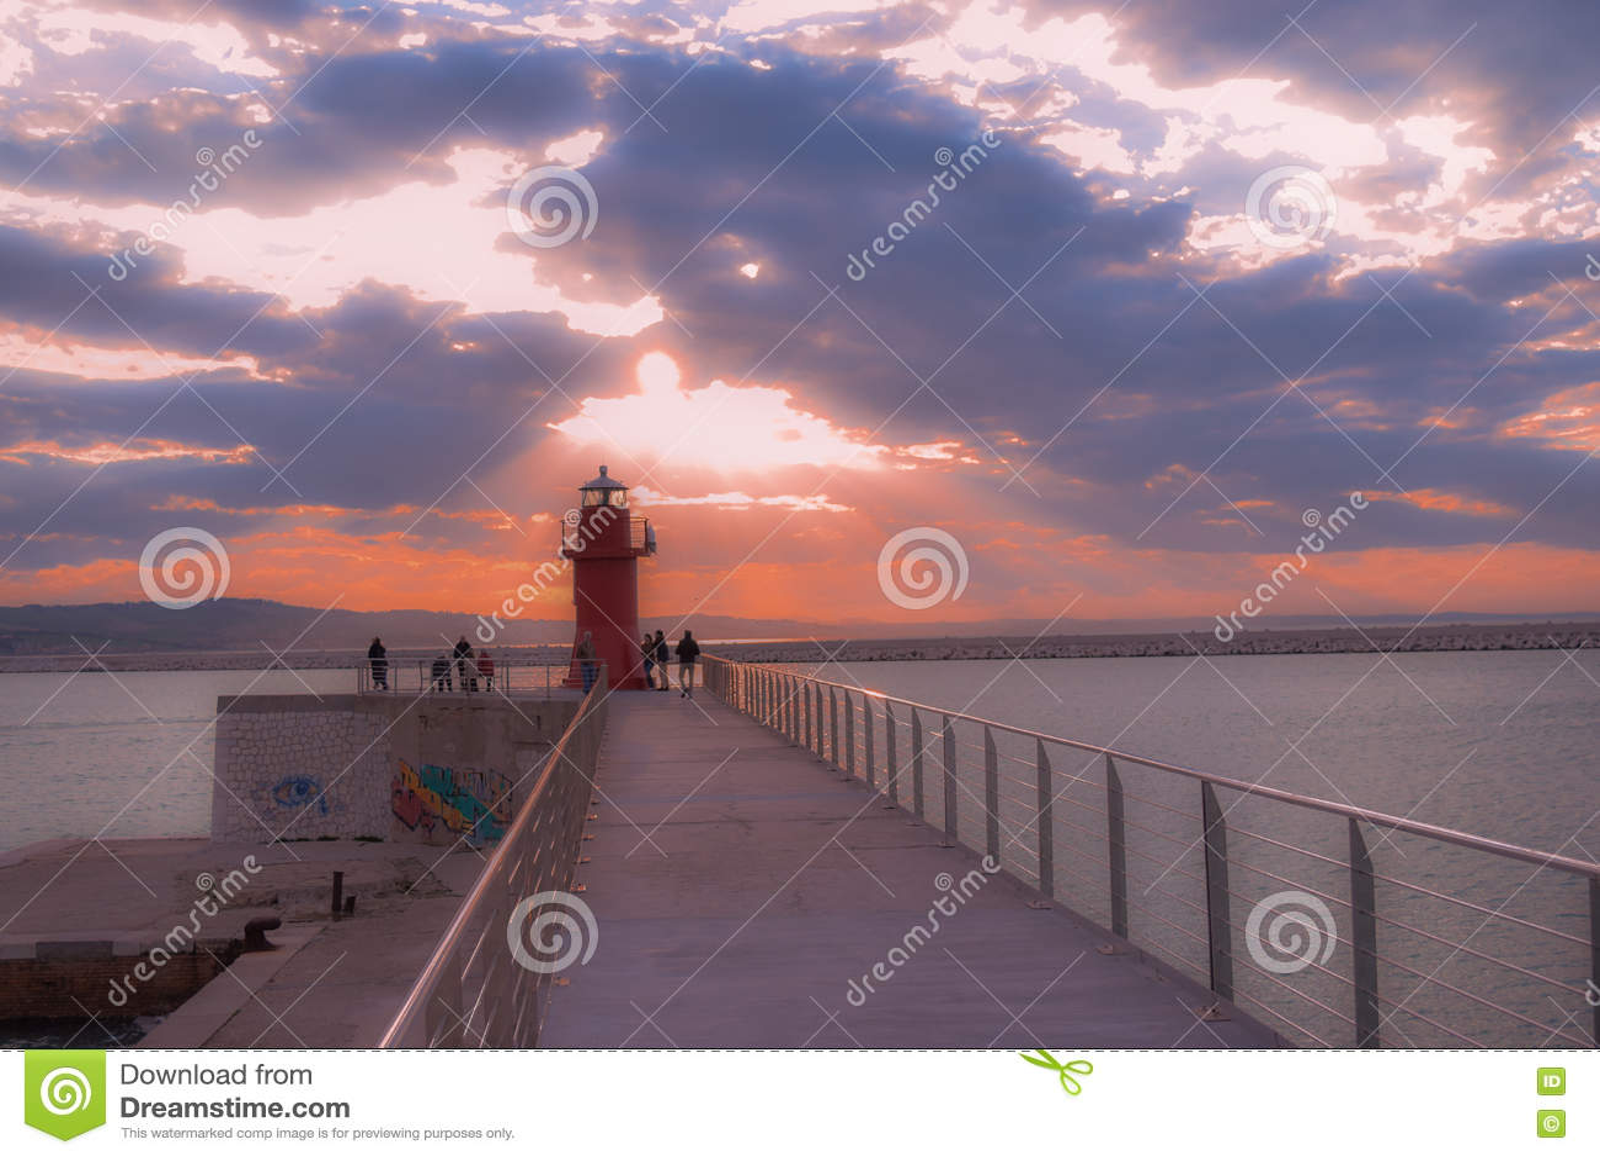 安科纳,马尔什,意大利红色灯笼口岸日落